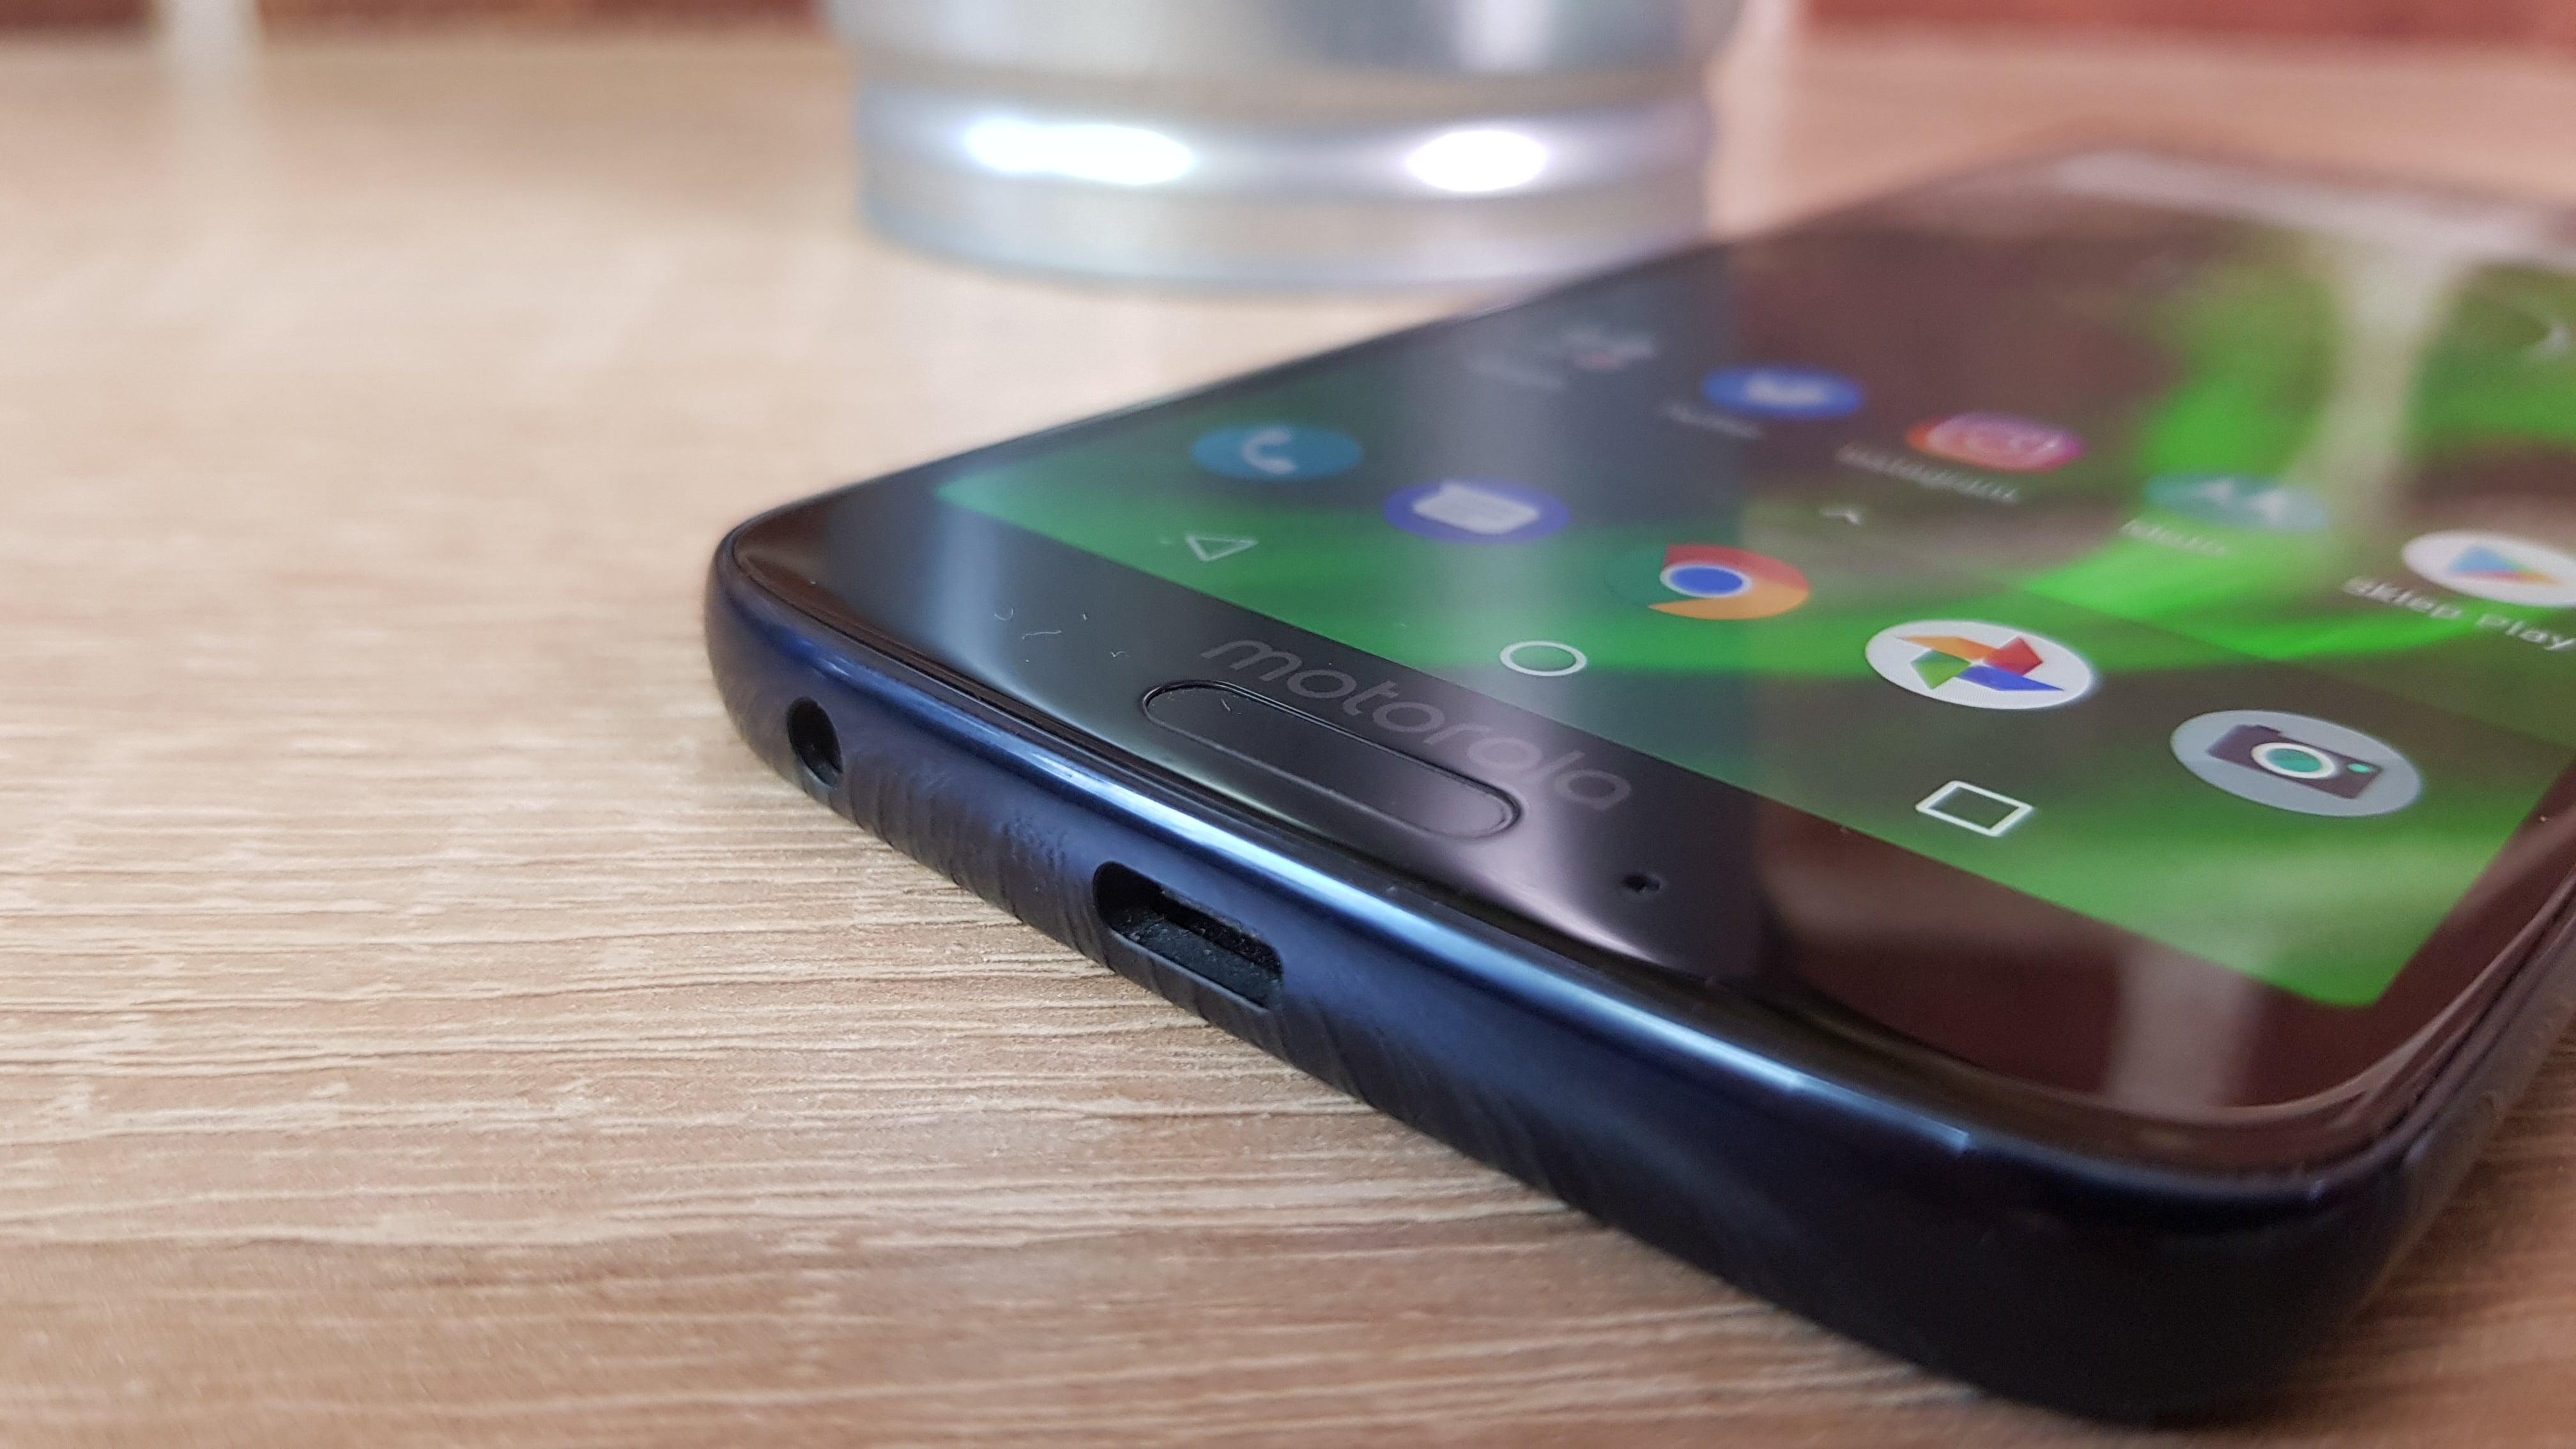 Tabletowo.pl Jaki smartfon kupić do 1100 złotych? (sierpień 2018) Co kupić Nasz wybór Smartfony Zestawienia